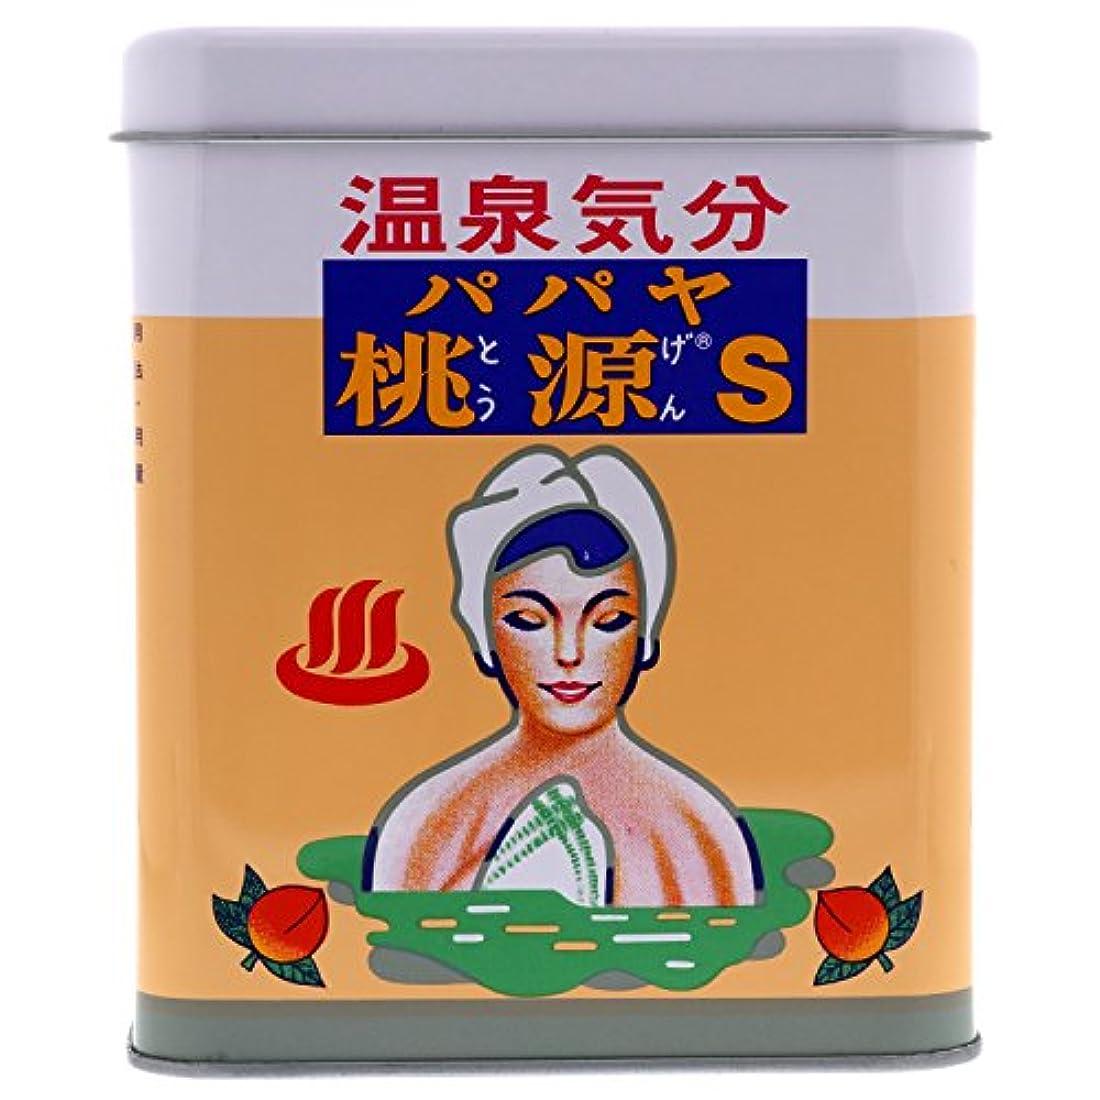 普遍的な倫理的言い直すパパヤ桃源S 700g 缶 [医薬部外品]